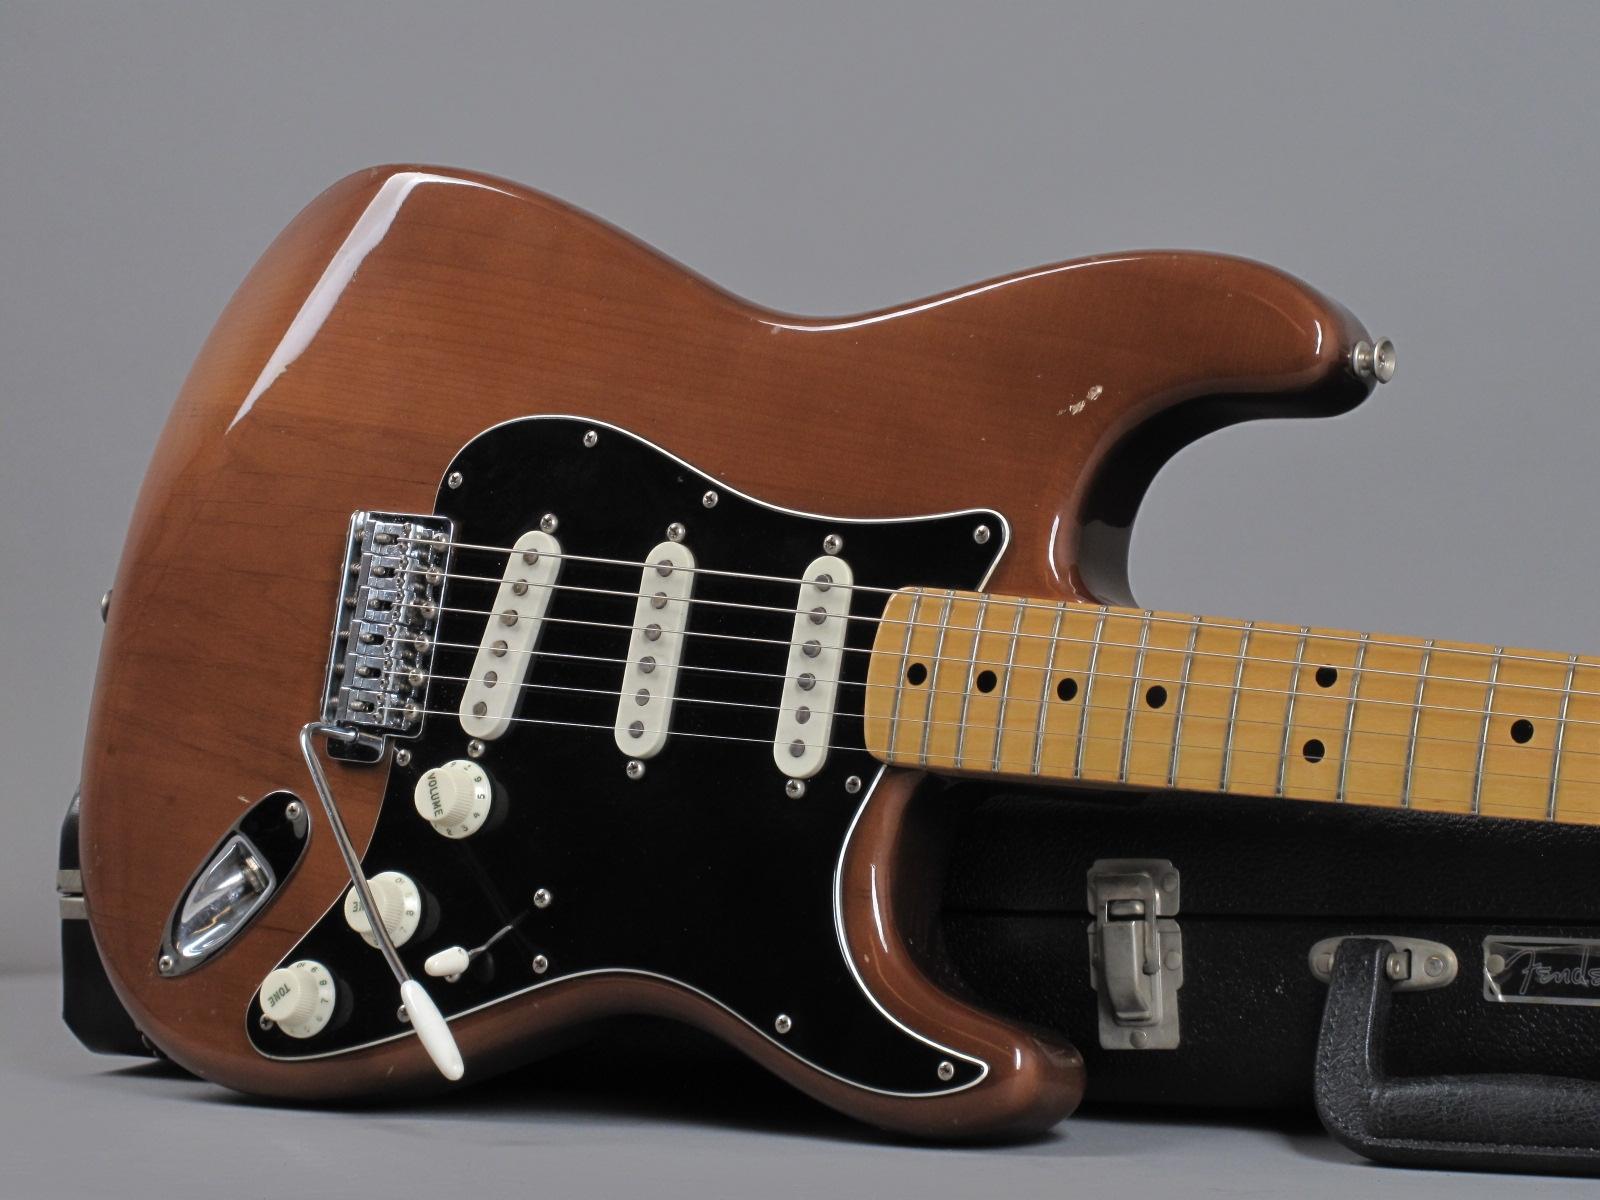 https://guitarpoint.de/app/uploads/products/1974-fender-stratocaster-mocha-3/1974-Fender-Stratocaster-Mocha-580048_19.jpg